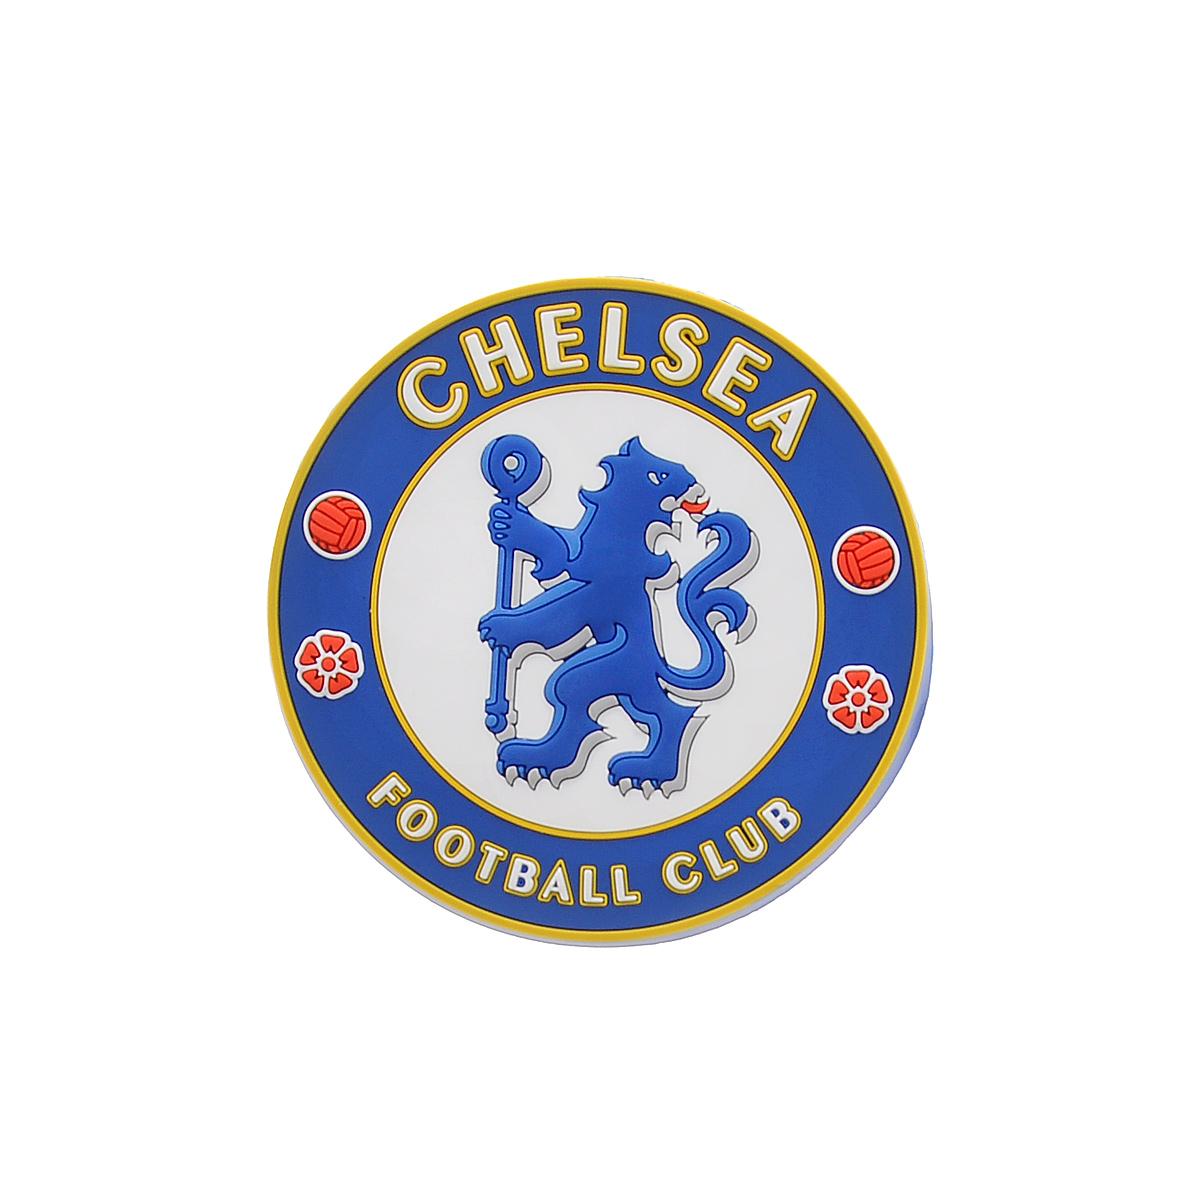 """Магнит """"Chelsea"""" изготовлен из мягкого ПВХ, идентичного резине. Крепится на любые металлические поверхности. Магнит """"Chelsea"""" порадует истинного болельщика футбольного клуба, а также станет приятным подарком к любому празднику."""